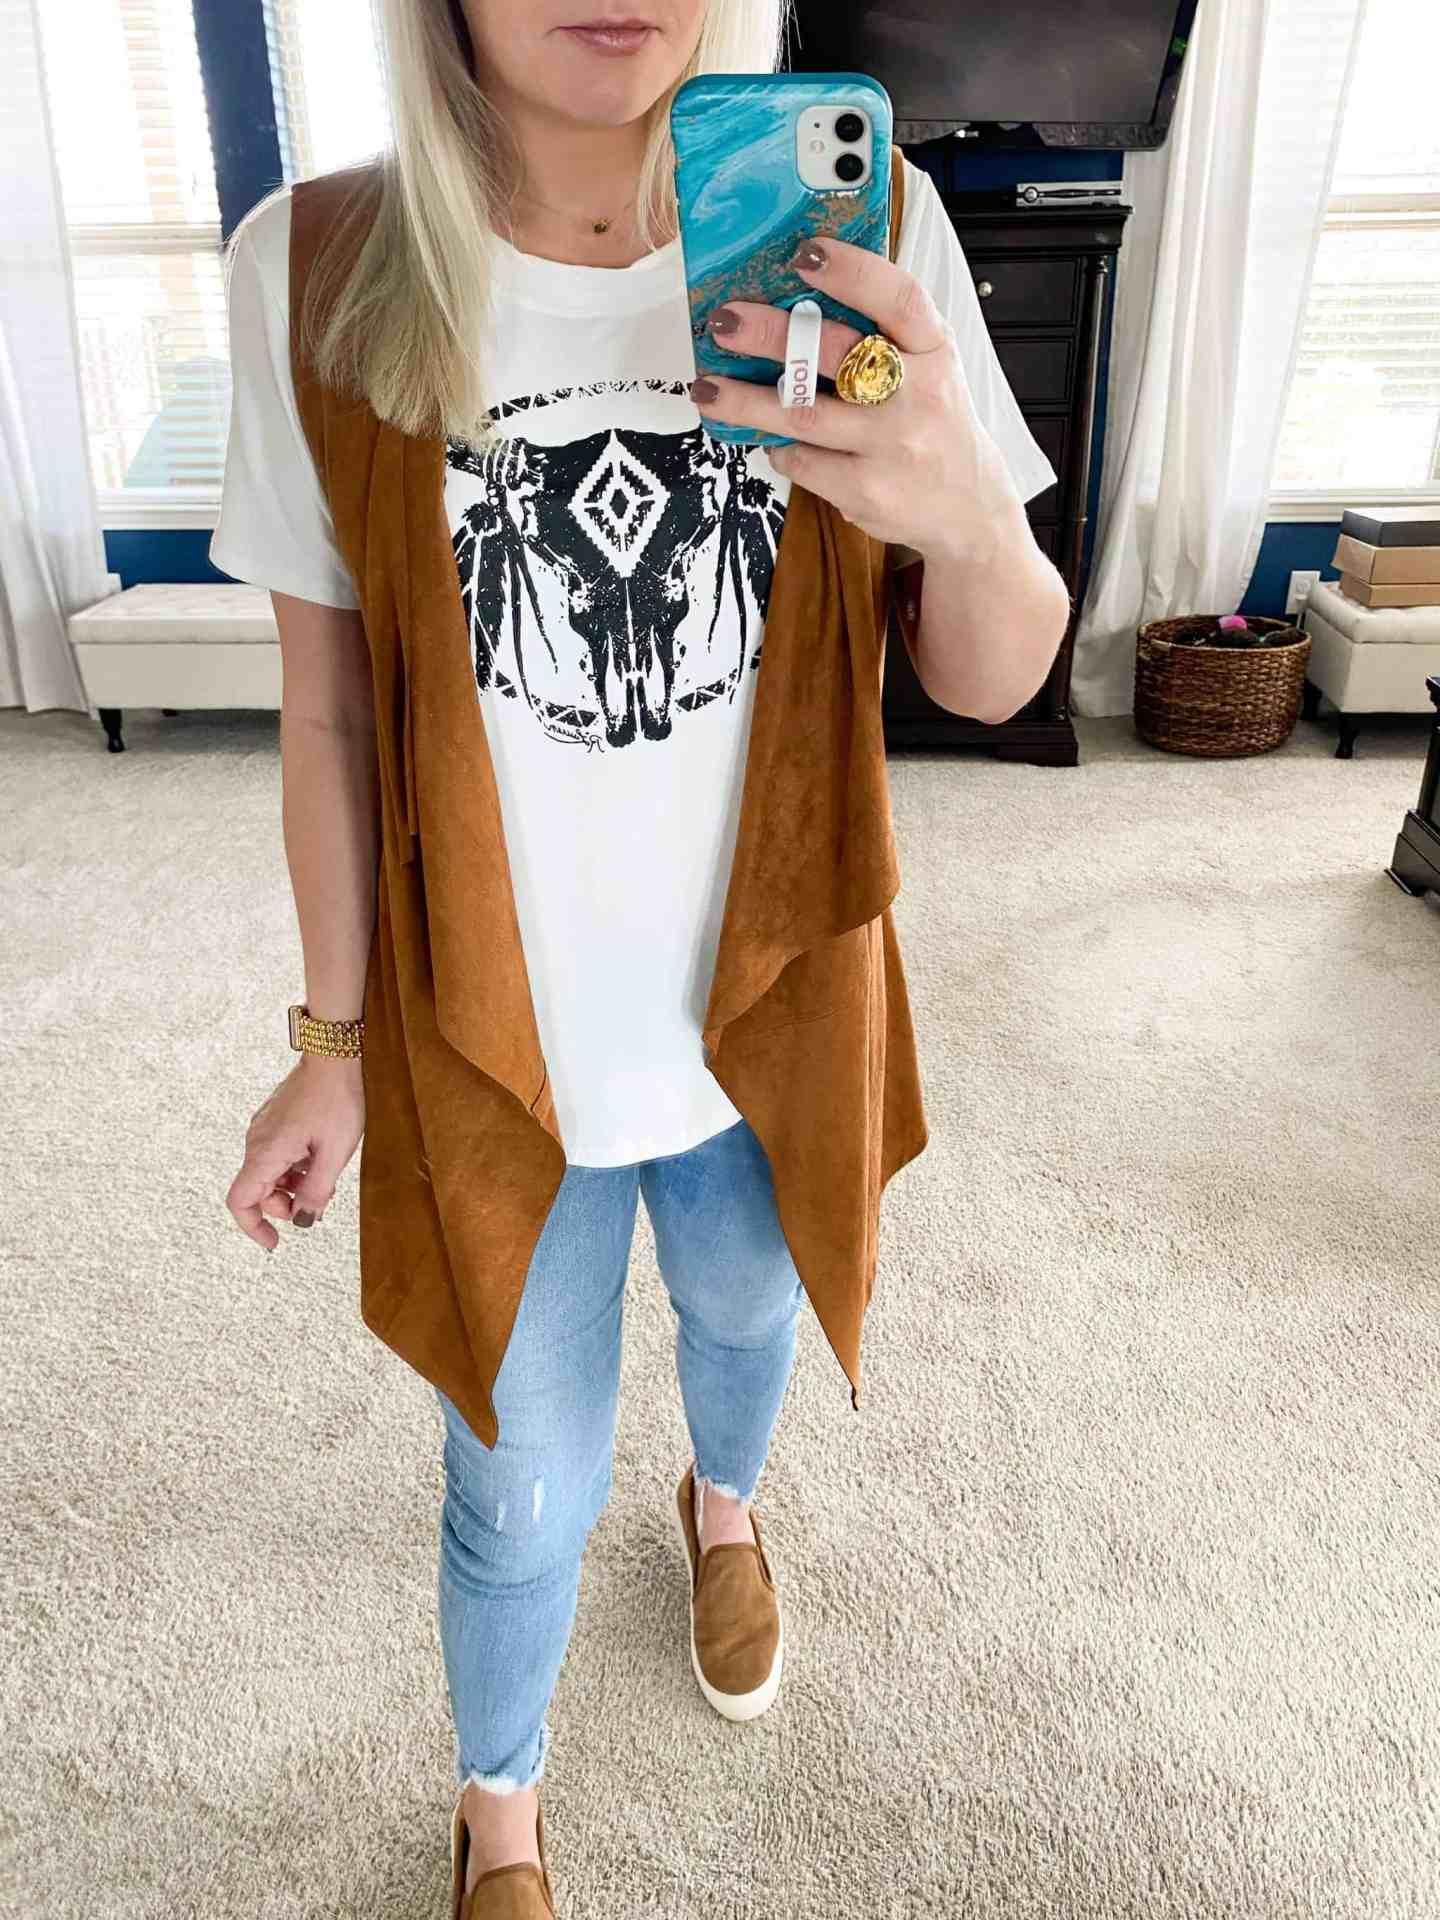 skull-t-shirt-amazon